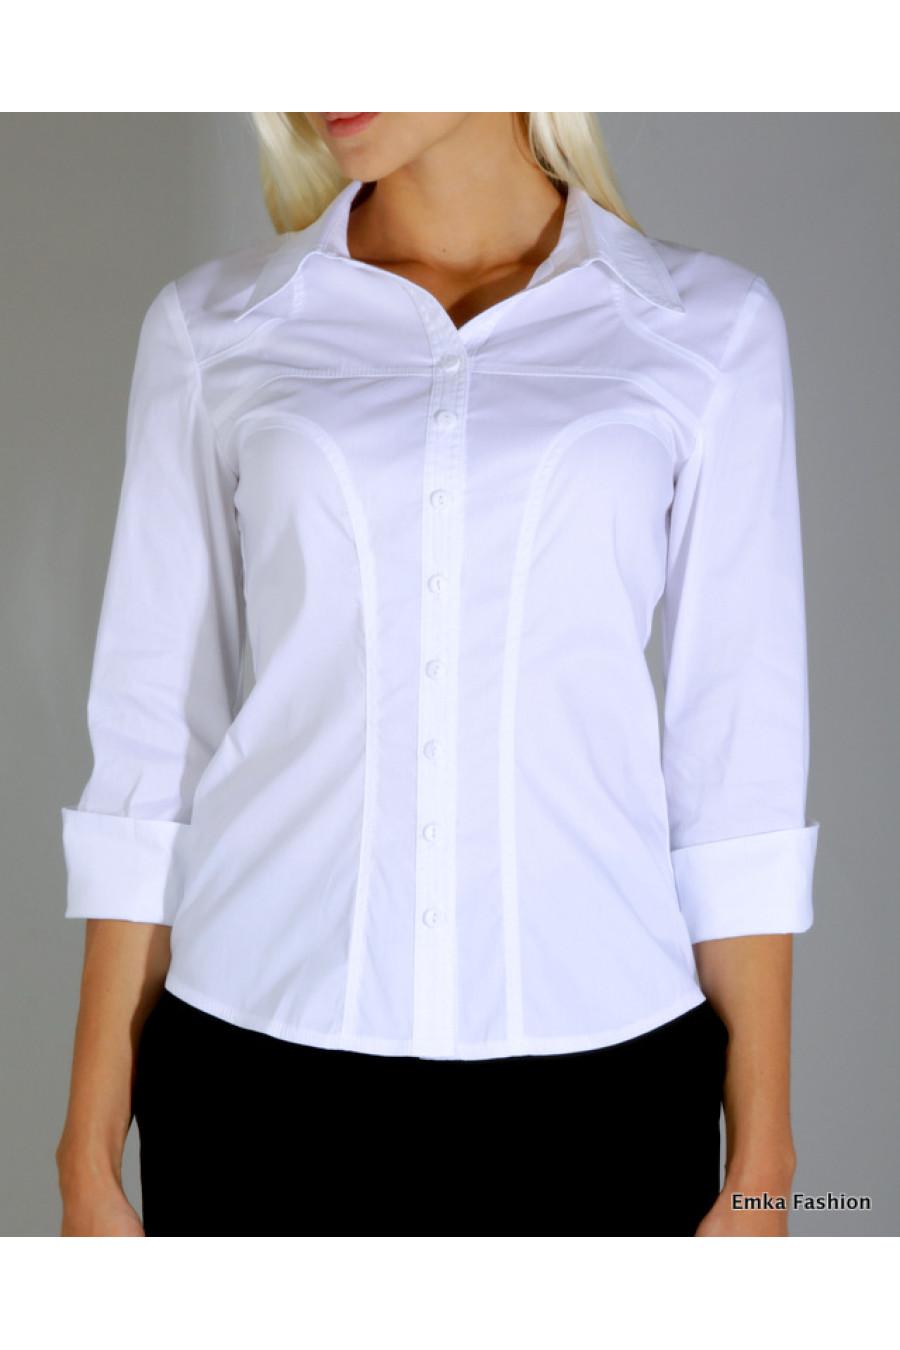 Купить Классическую Блузку В Интернет Магазине Недорого